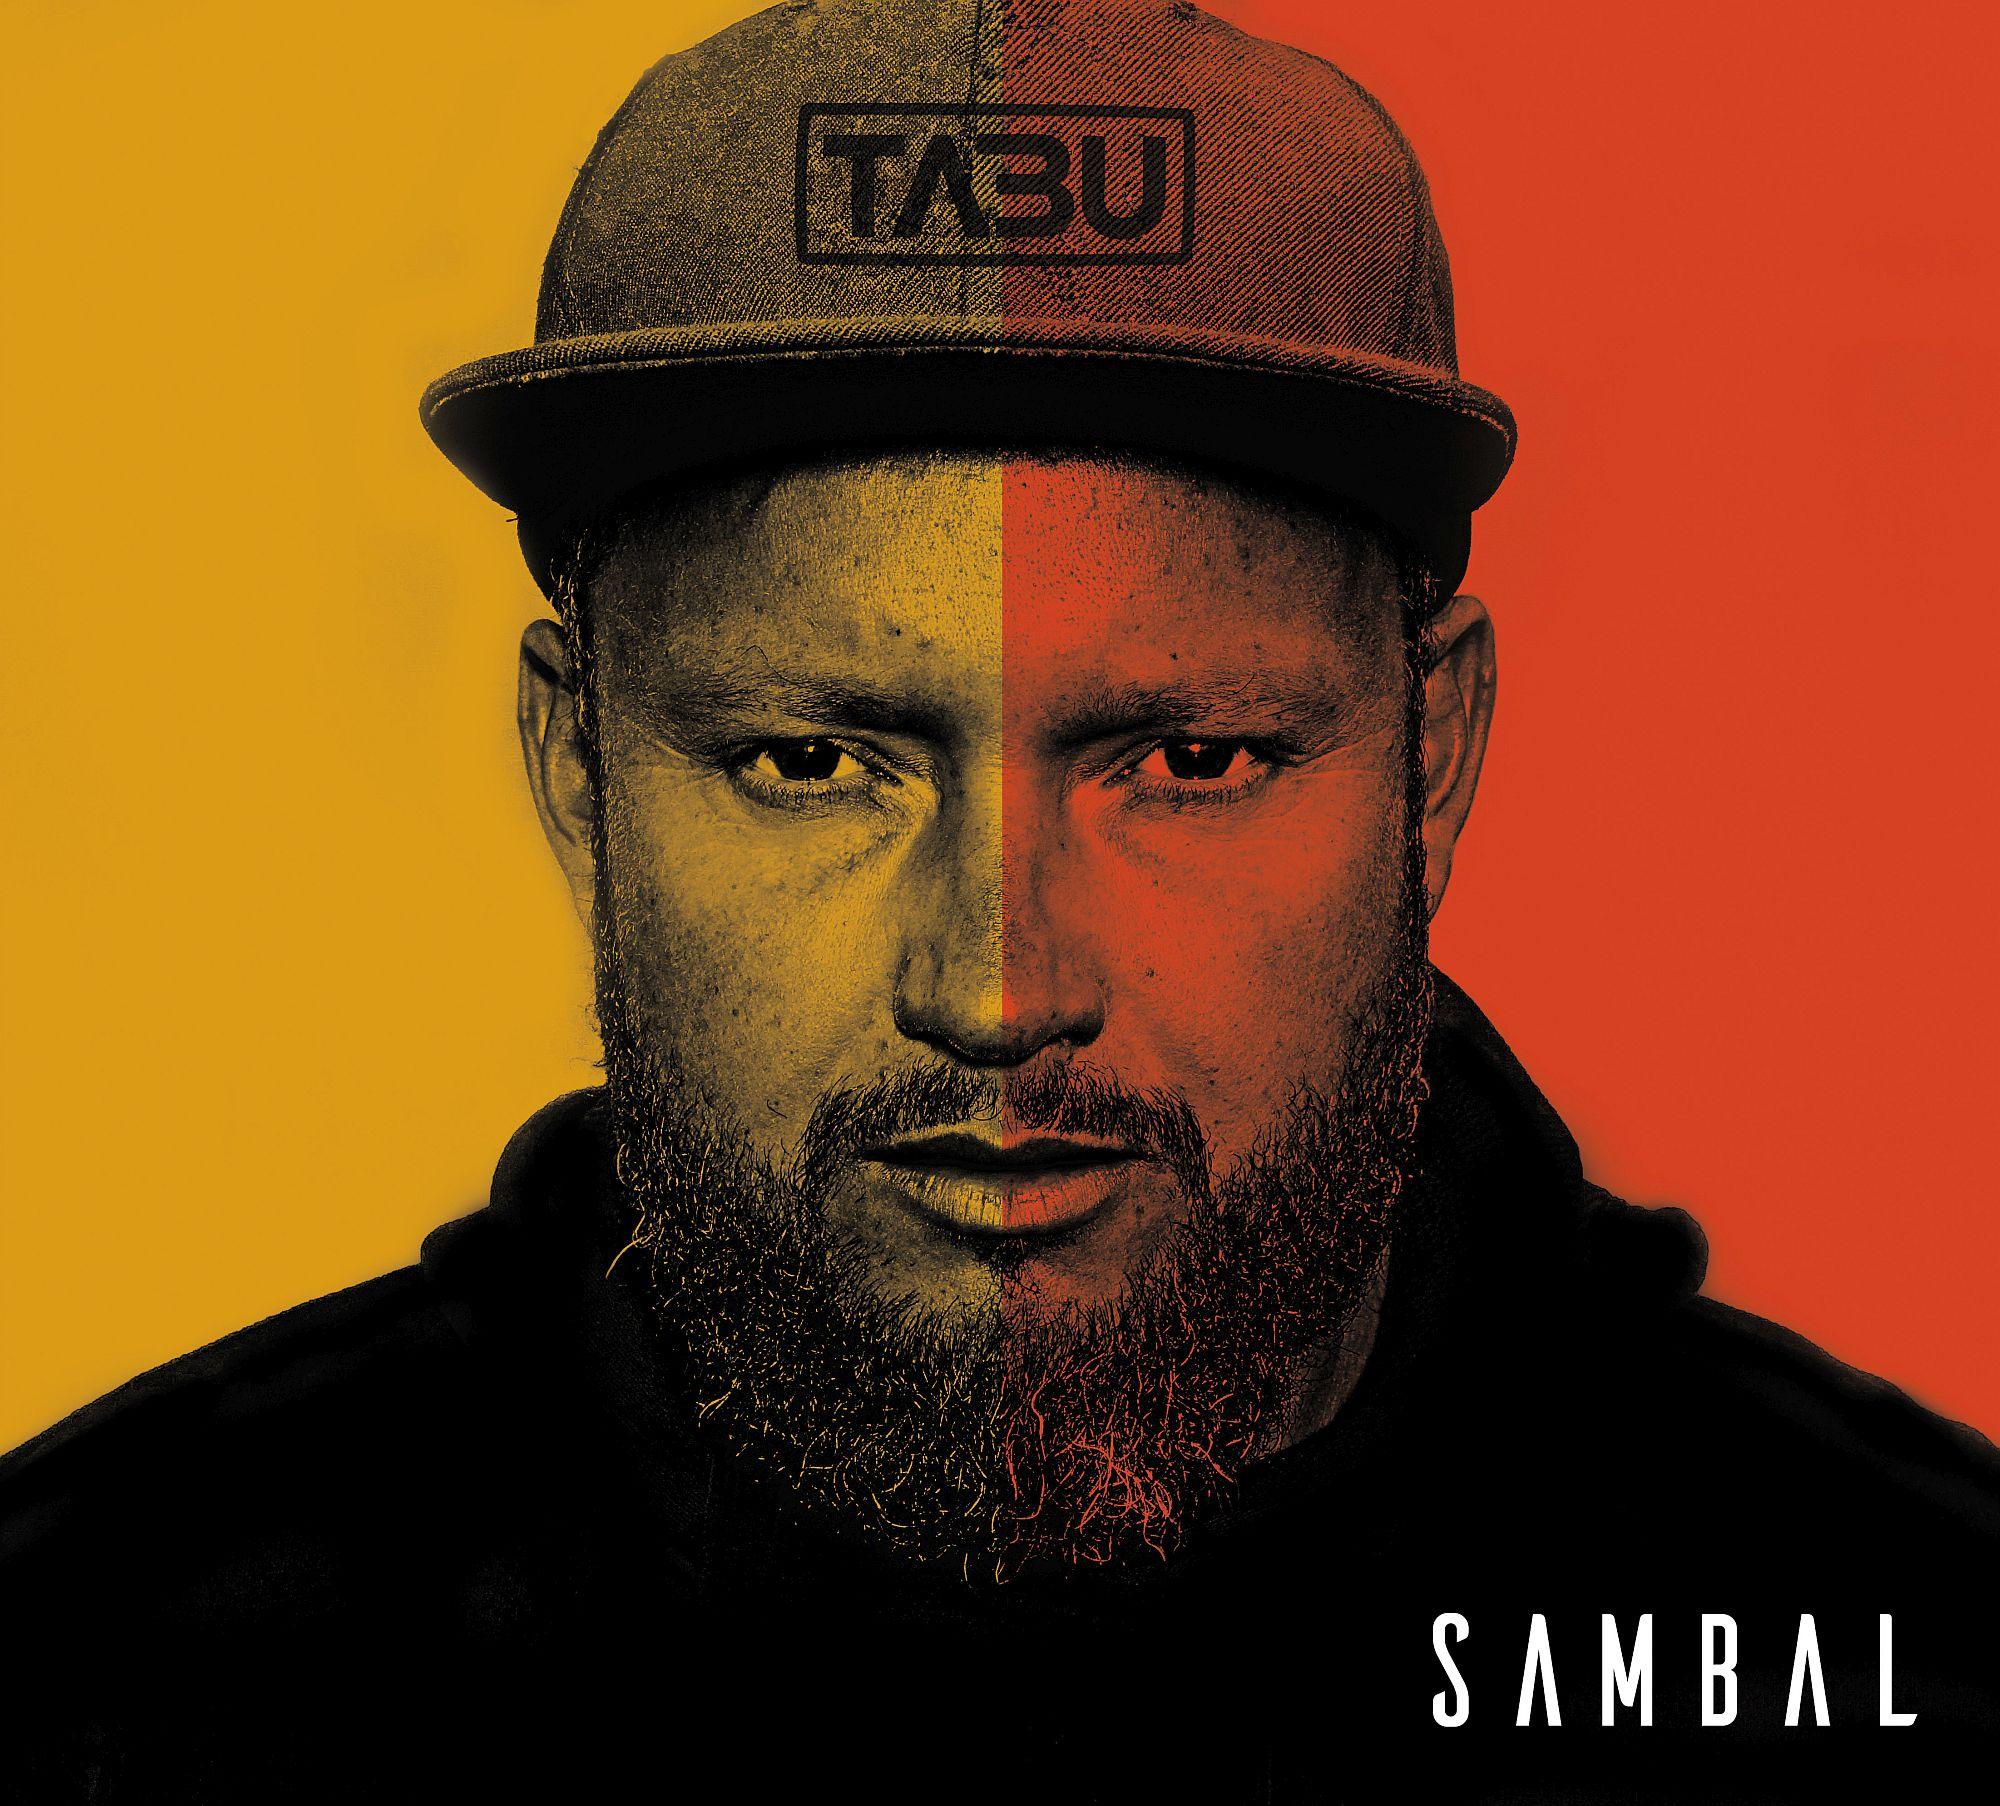 Singel Dopóki Świat to utwór pochodzący z albumu Sambal grupy TABU, który ukaże się 8 lutego nakładem Lou & Rocked B